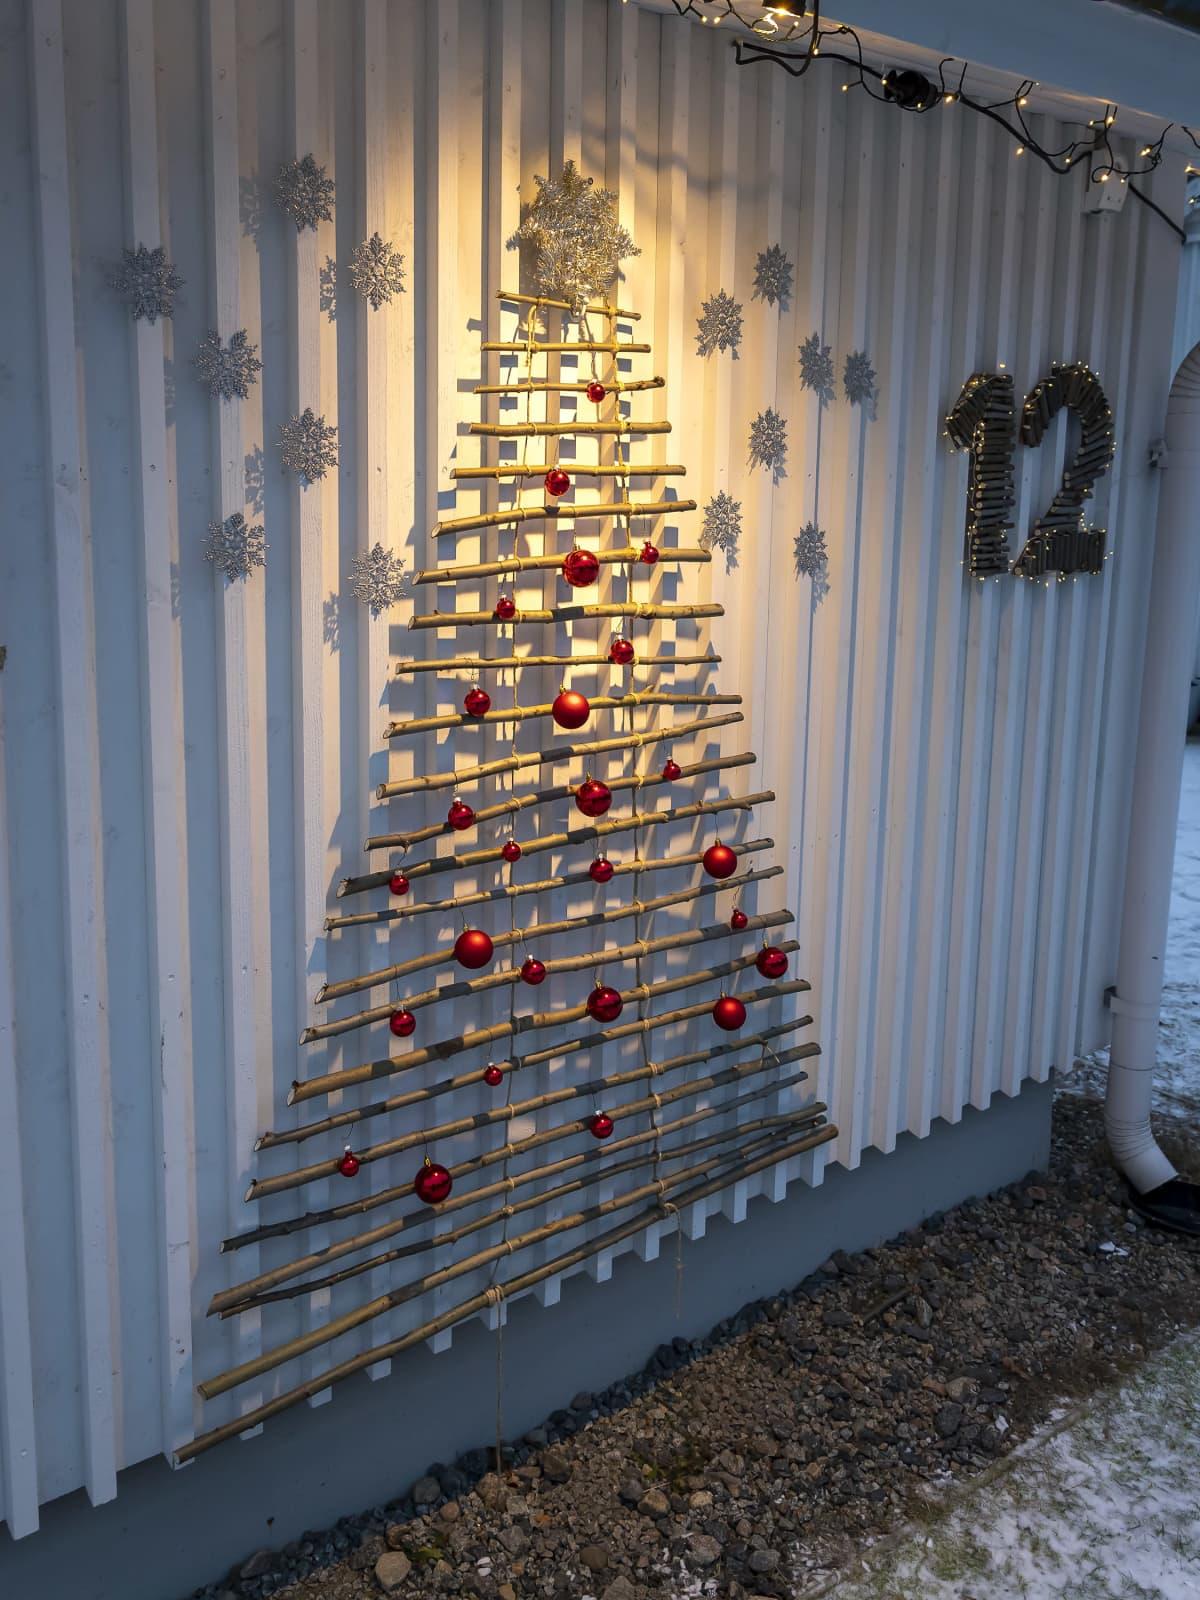 Luukku 12, joka on kepeistä  tehty joulukuusi talon seinällä.